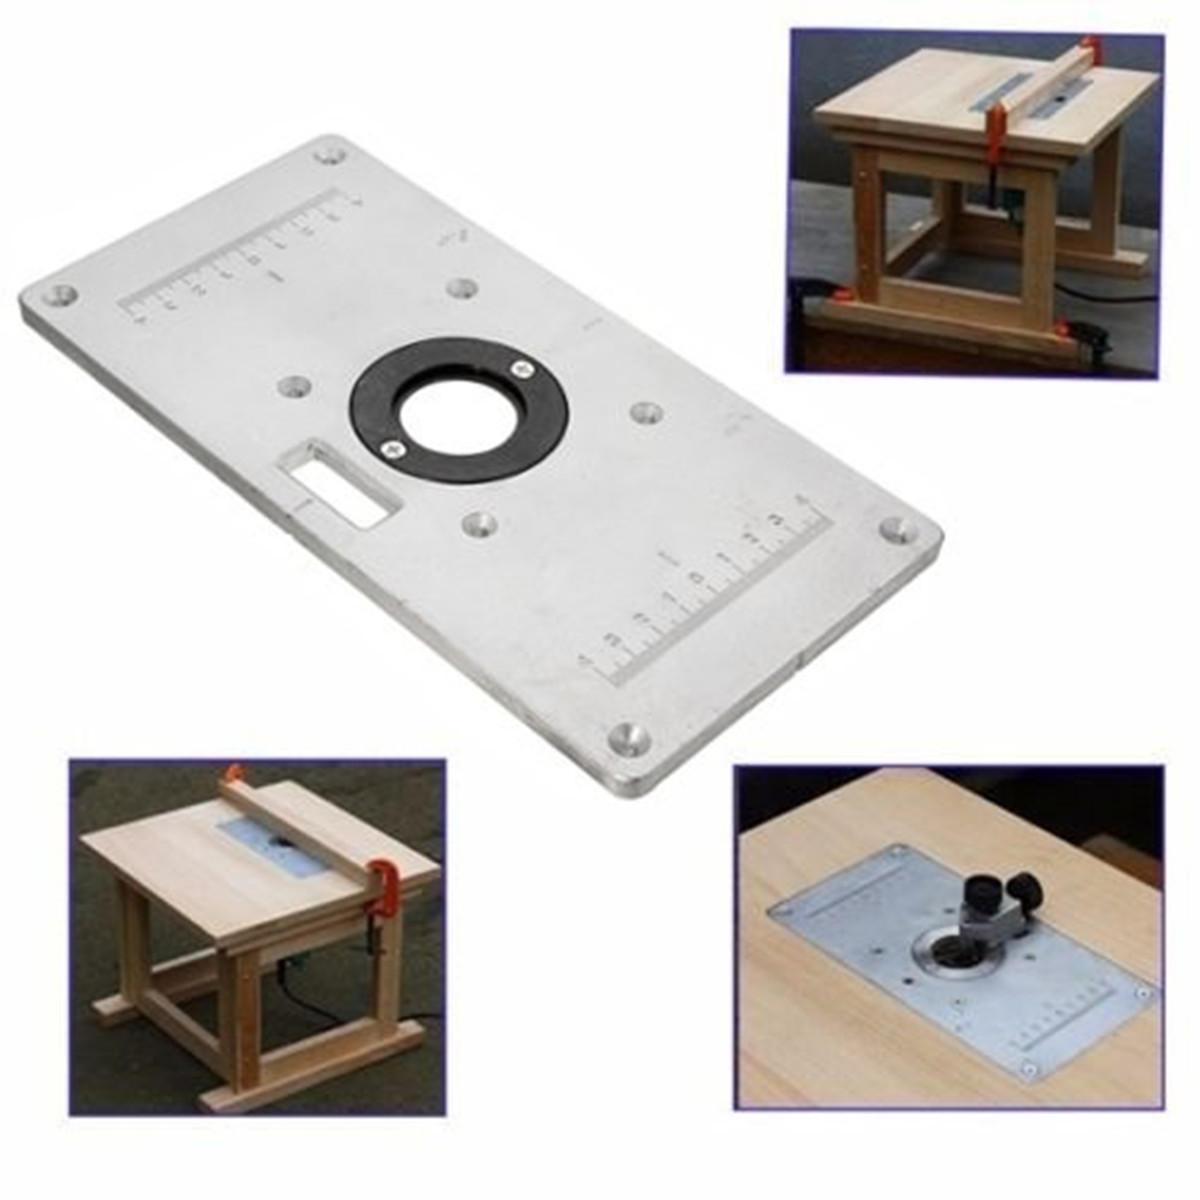 Bảng định tuyến nhôm 235mm x 120mm x 8 mm Tấm chèn cho bàn làm việc gỗ